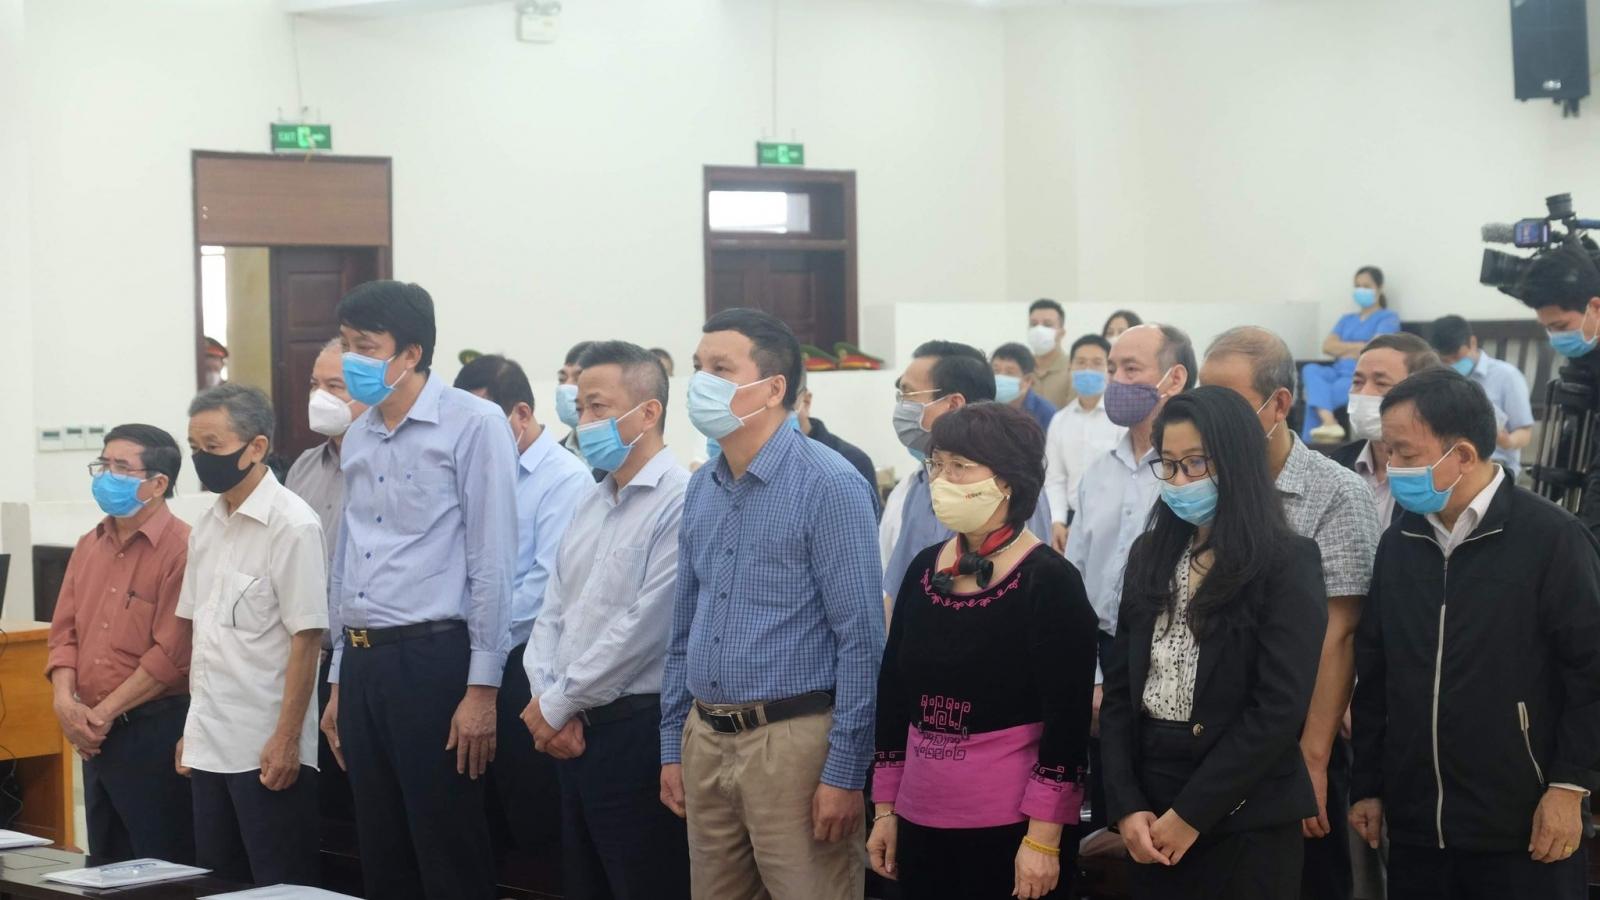 Cựu Tổng Giám đốc công ty Gang thép Thái Nguyên thừa nhận trách nhiệm